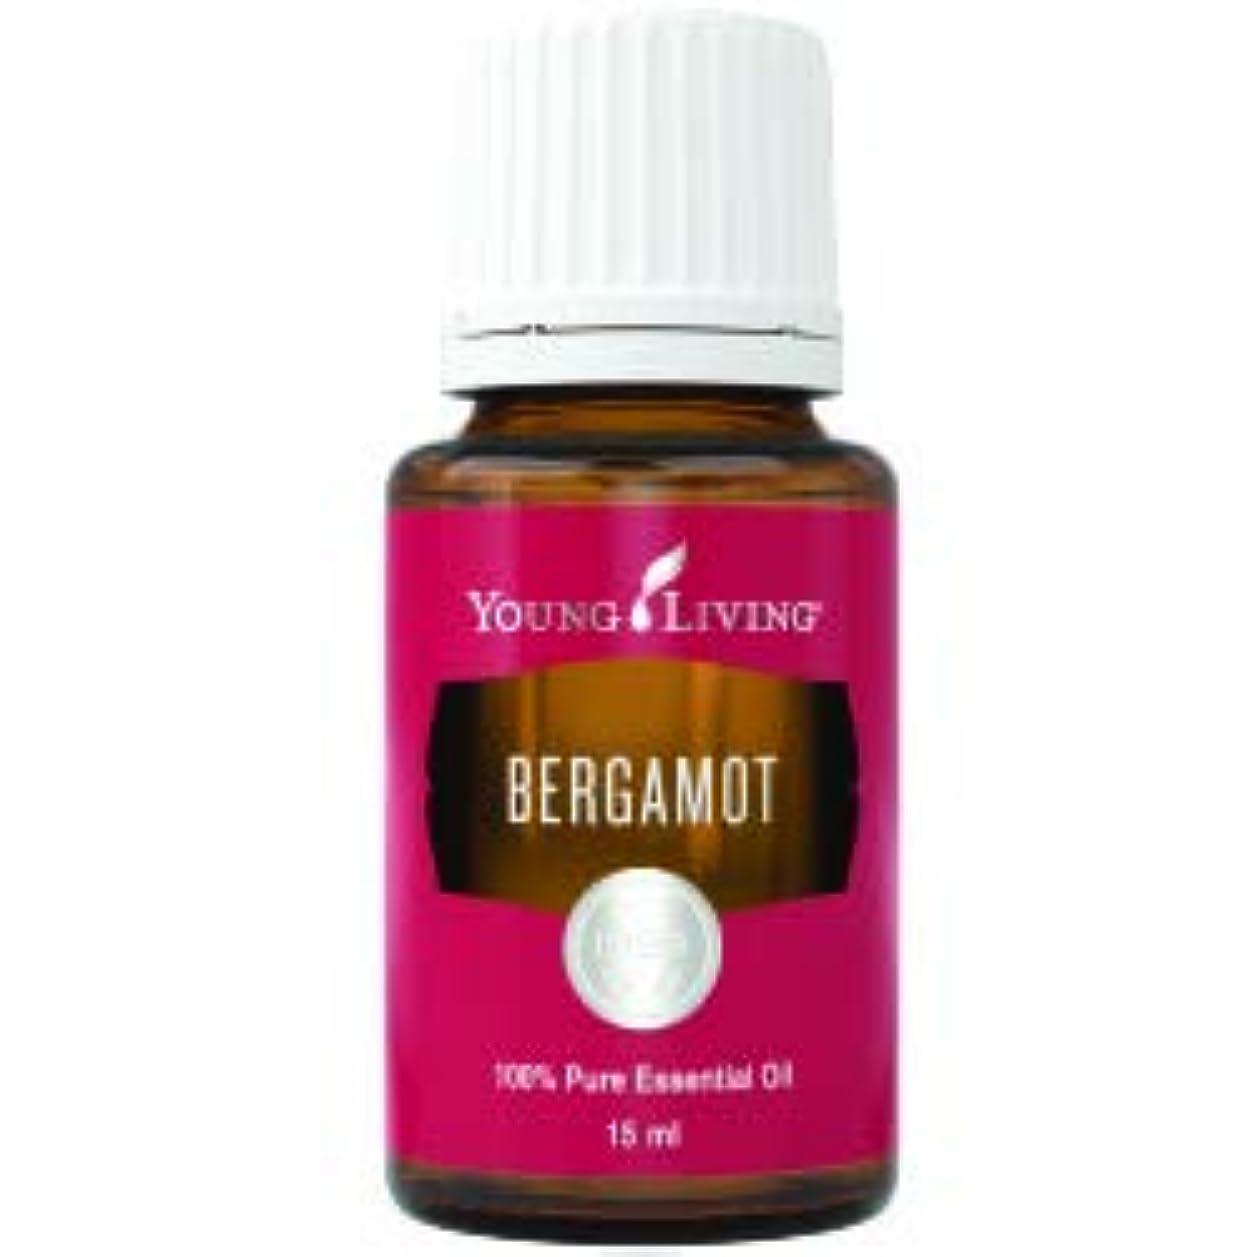 論理的失業悲惨なヤングリビングマレーシアのベルガモットエッセンシャルオイル15 ml Bergamot Essential Oil 15 ml by Young Living Malaysia